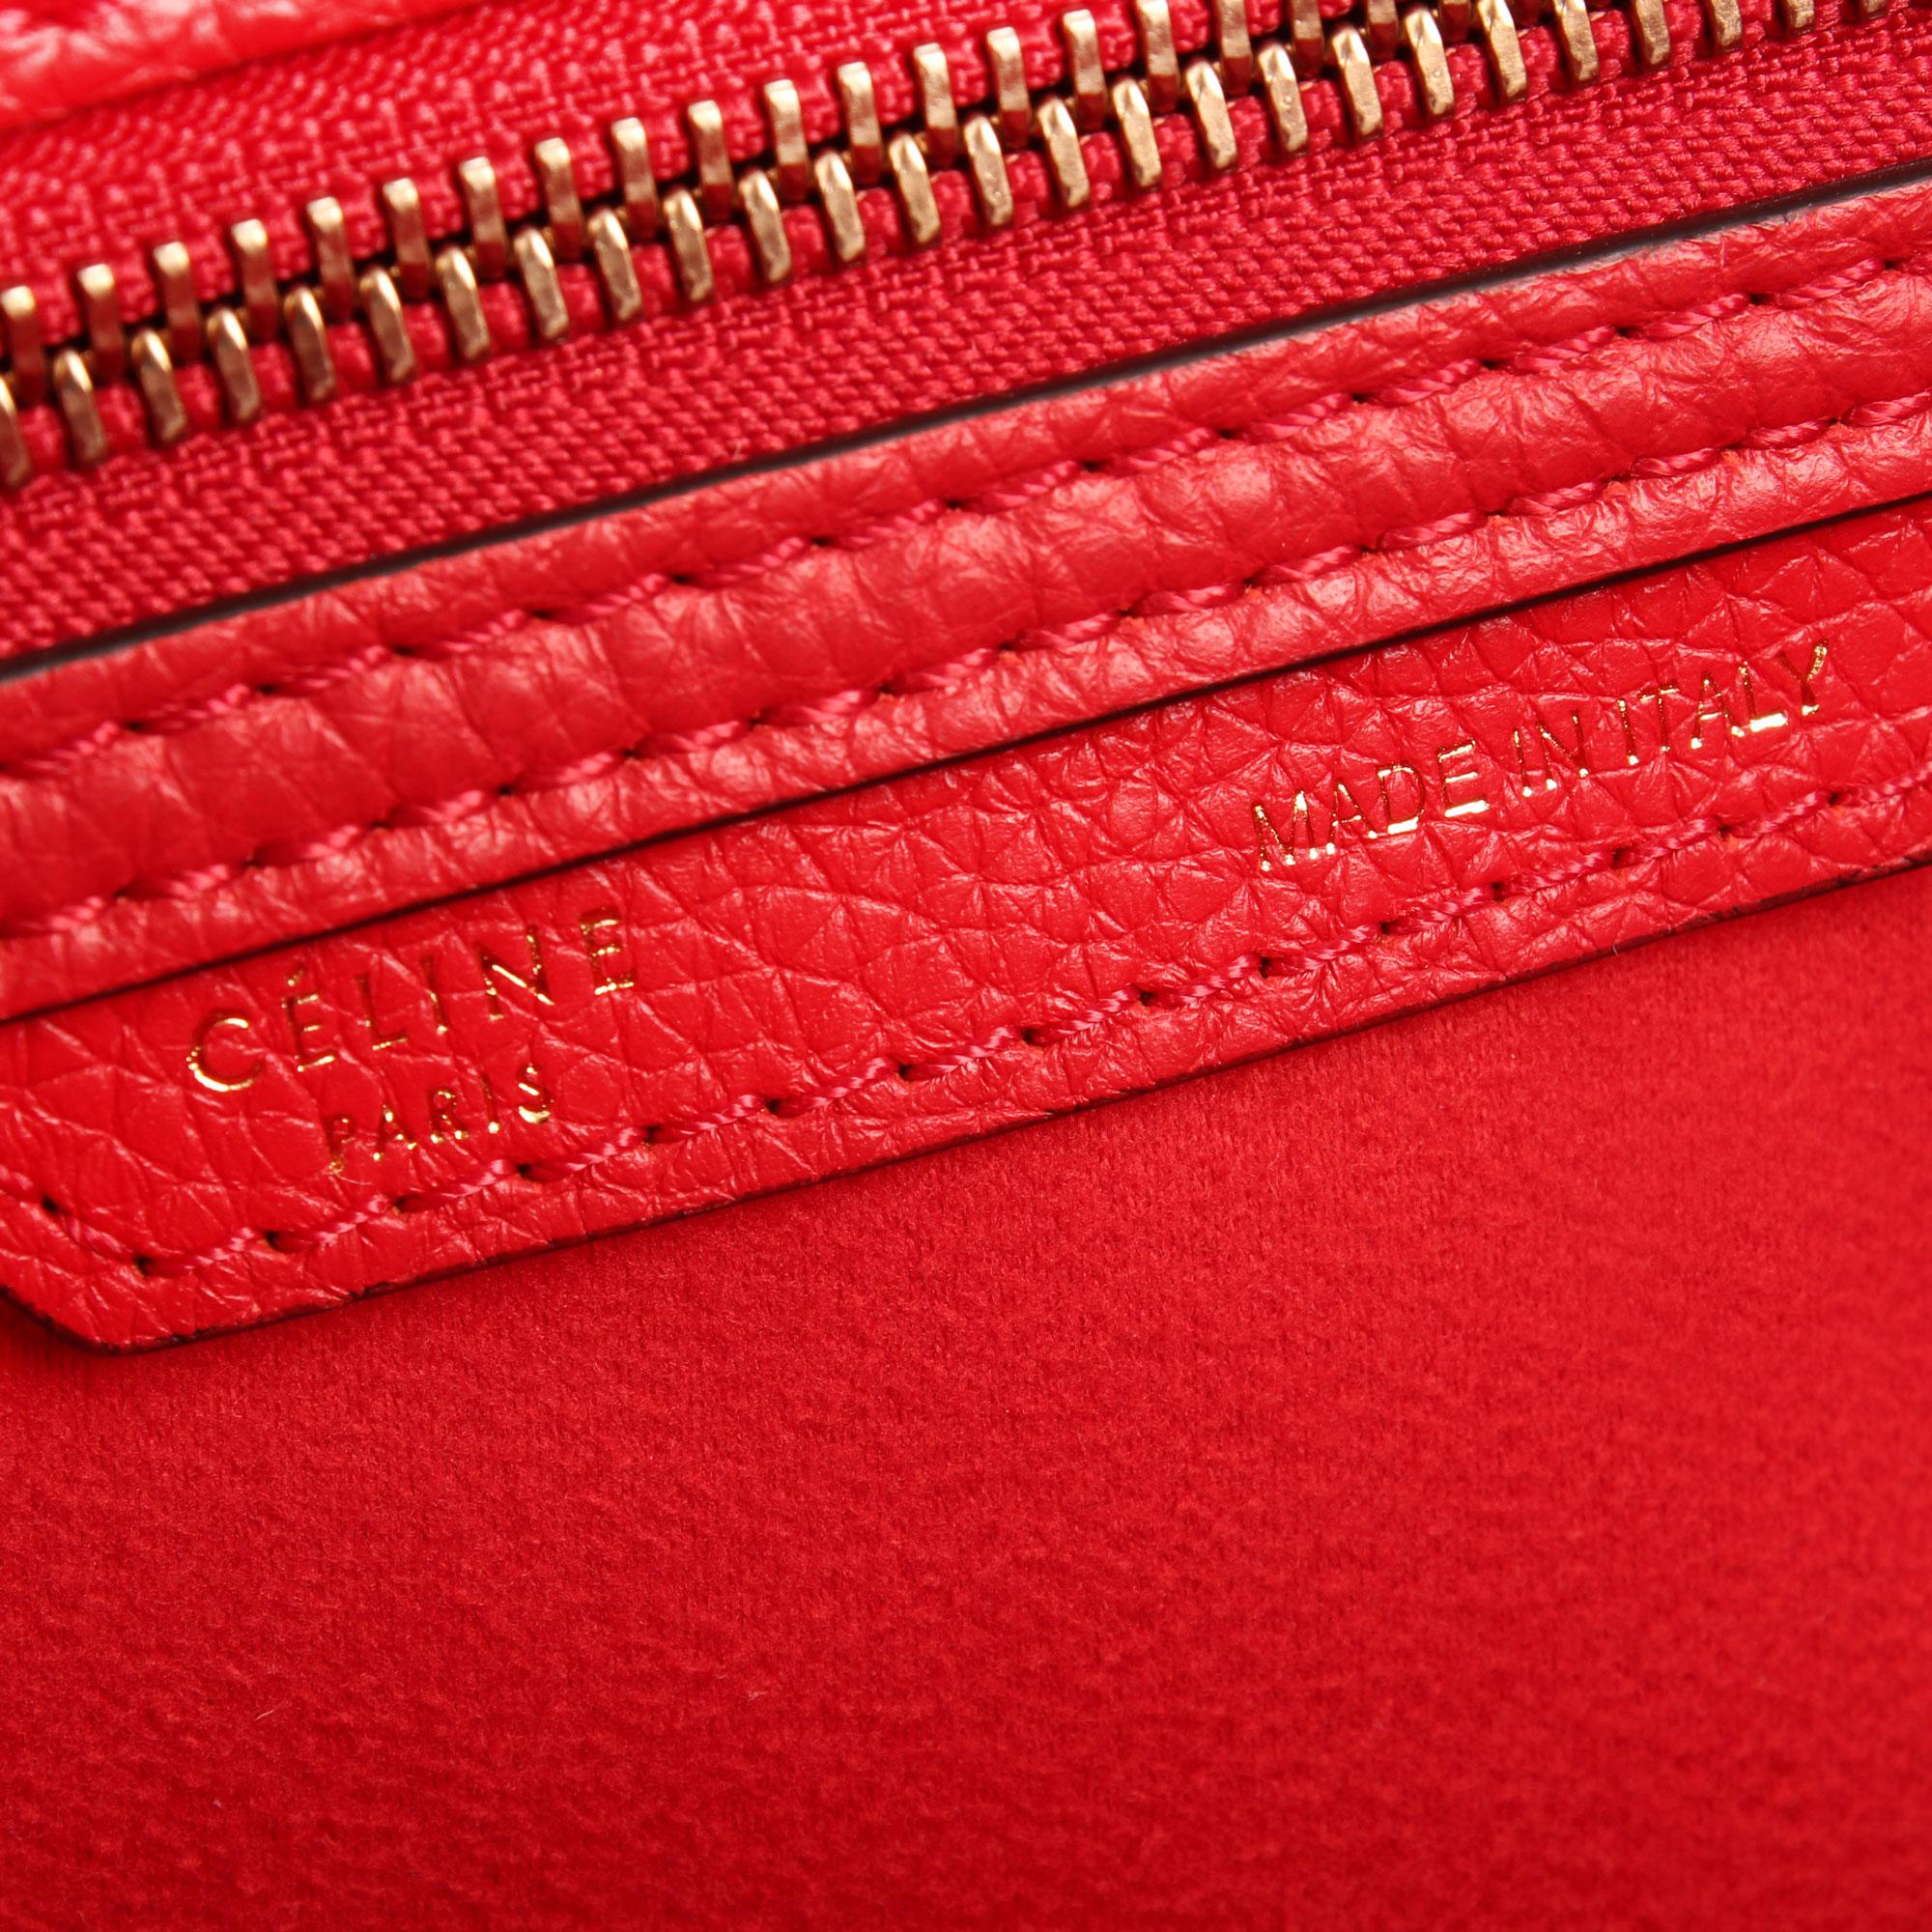 Imagen del serial number del bolso celine mini lugagge tote coquelicot